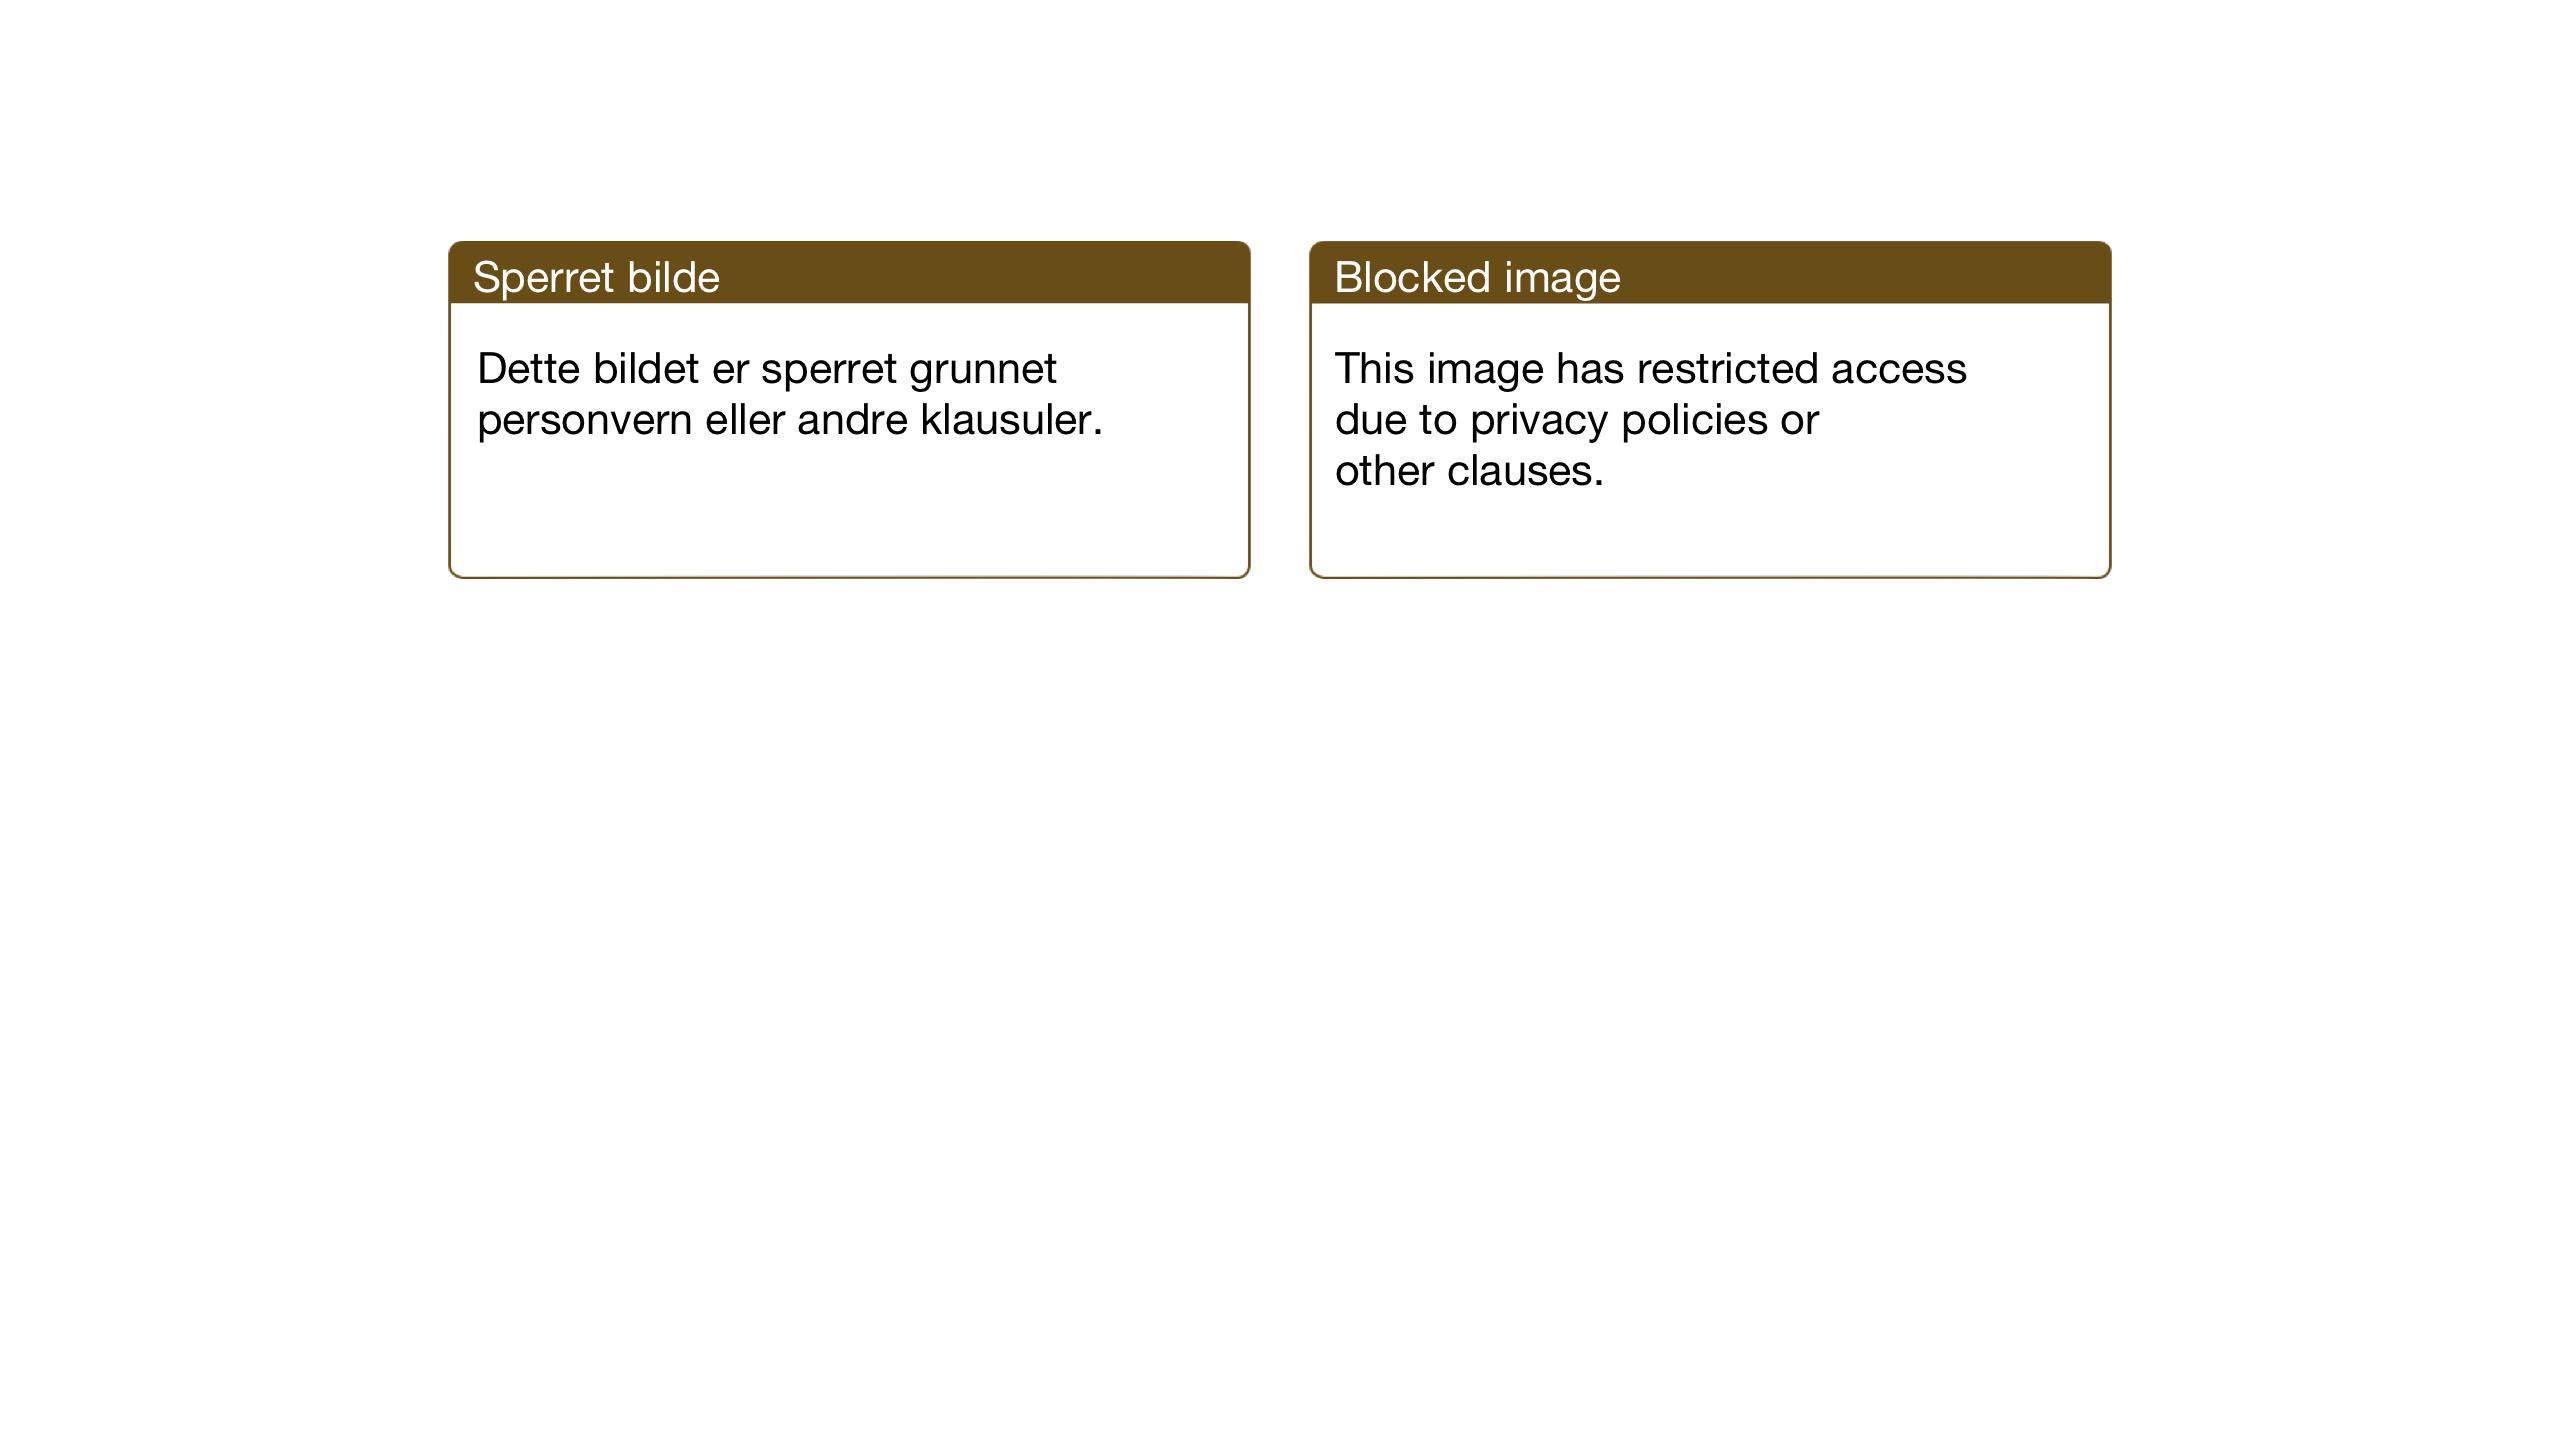 SAT, Ministerialprotokoller, klokkerbøker og fødselsregistre - Sør-Trøndelag, 667/L0799: Klokkerbok nr. 667C04, 1929-1950, s. 94